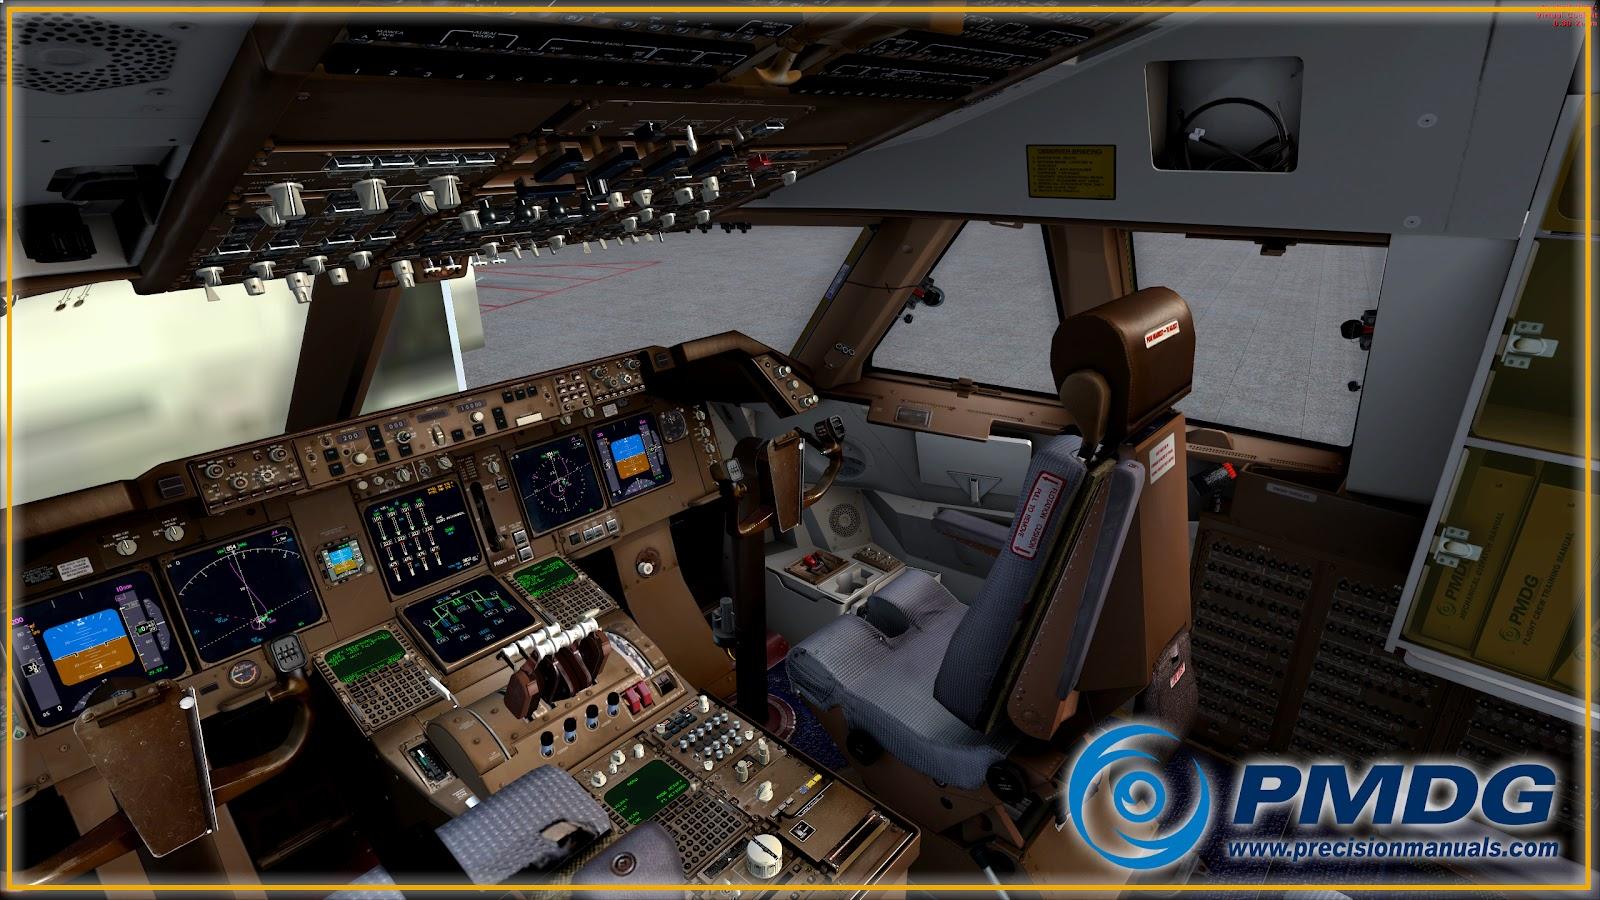 PMDG_747-400_VC_Overview.jpg